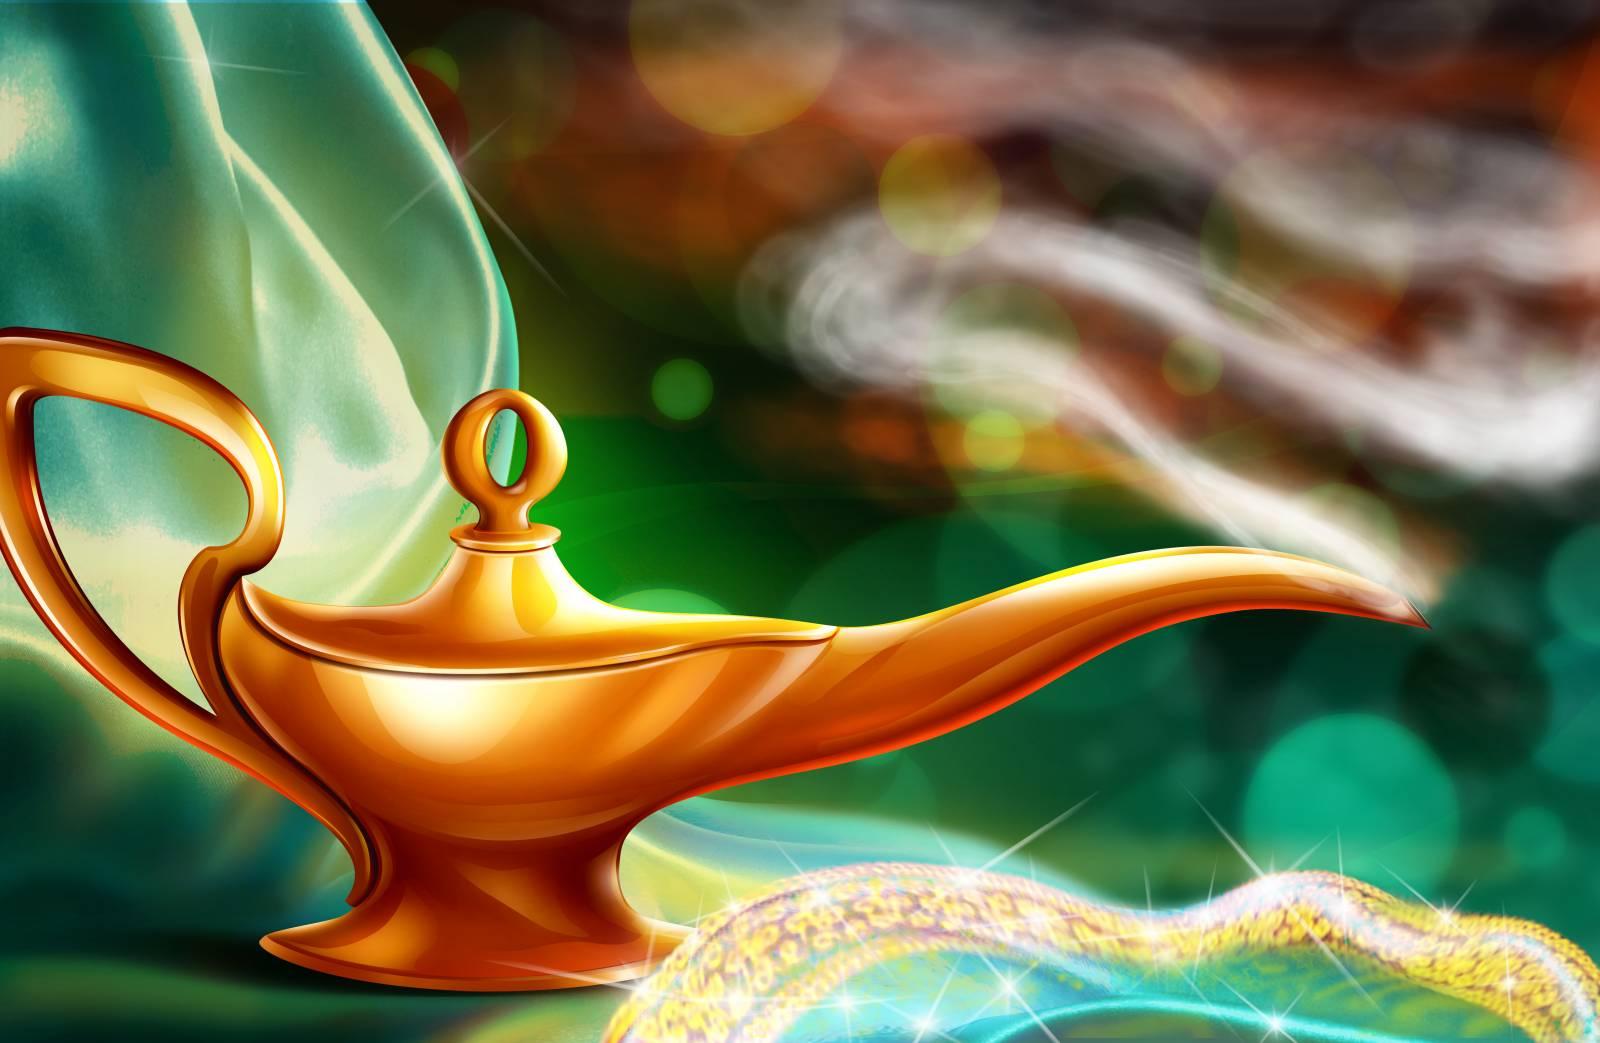 Как исполнить желание c помощью магии мысли?